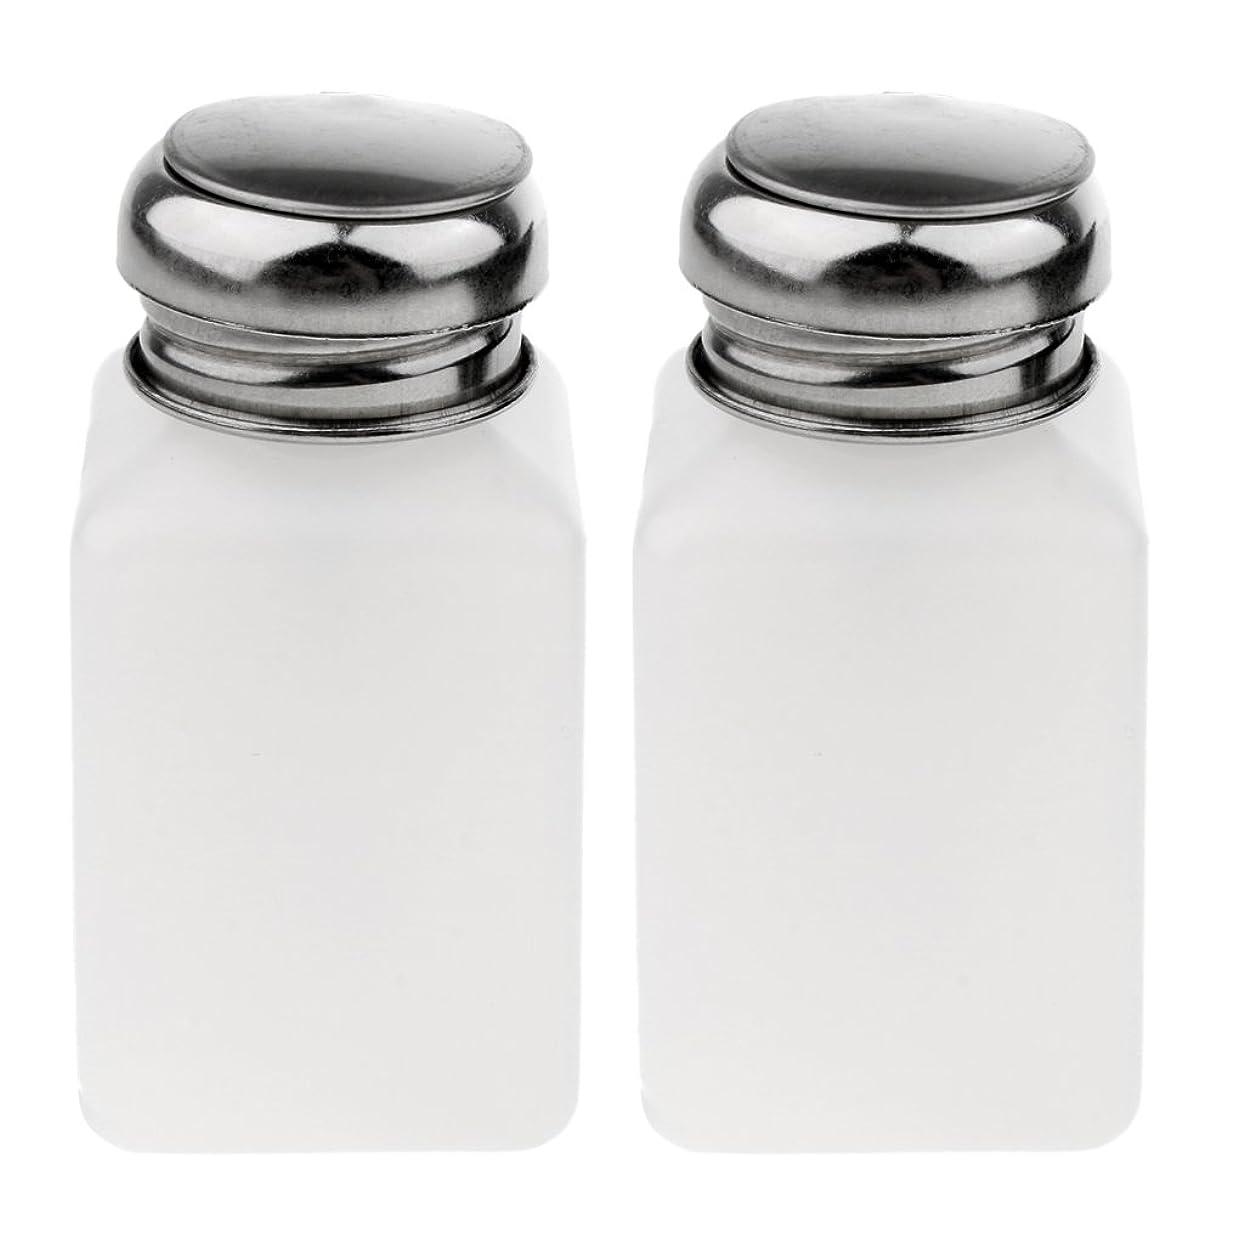 適切にぺディカブキウイエッセンシャルオイル、ローション、リキッドソープに最適なホワイトスクエアボトルステンレススチールパンプス(2パック) - 200ミリリットル